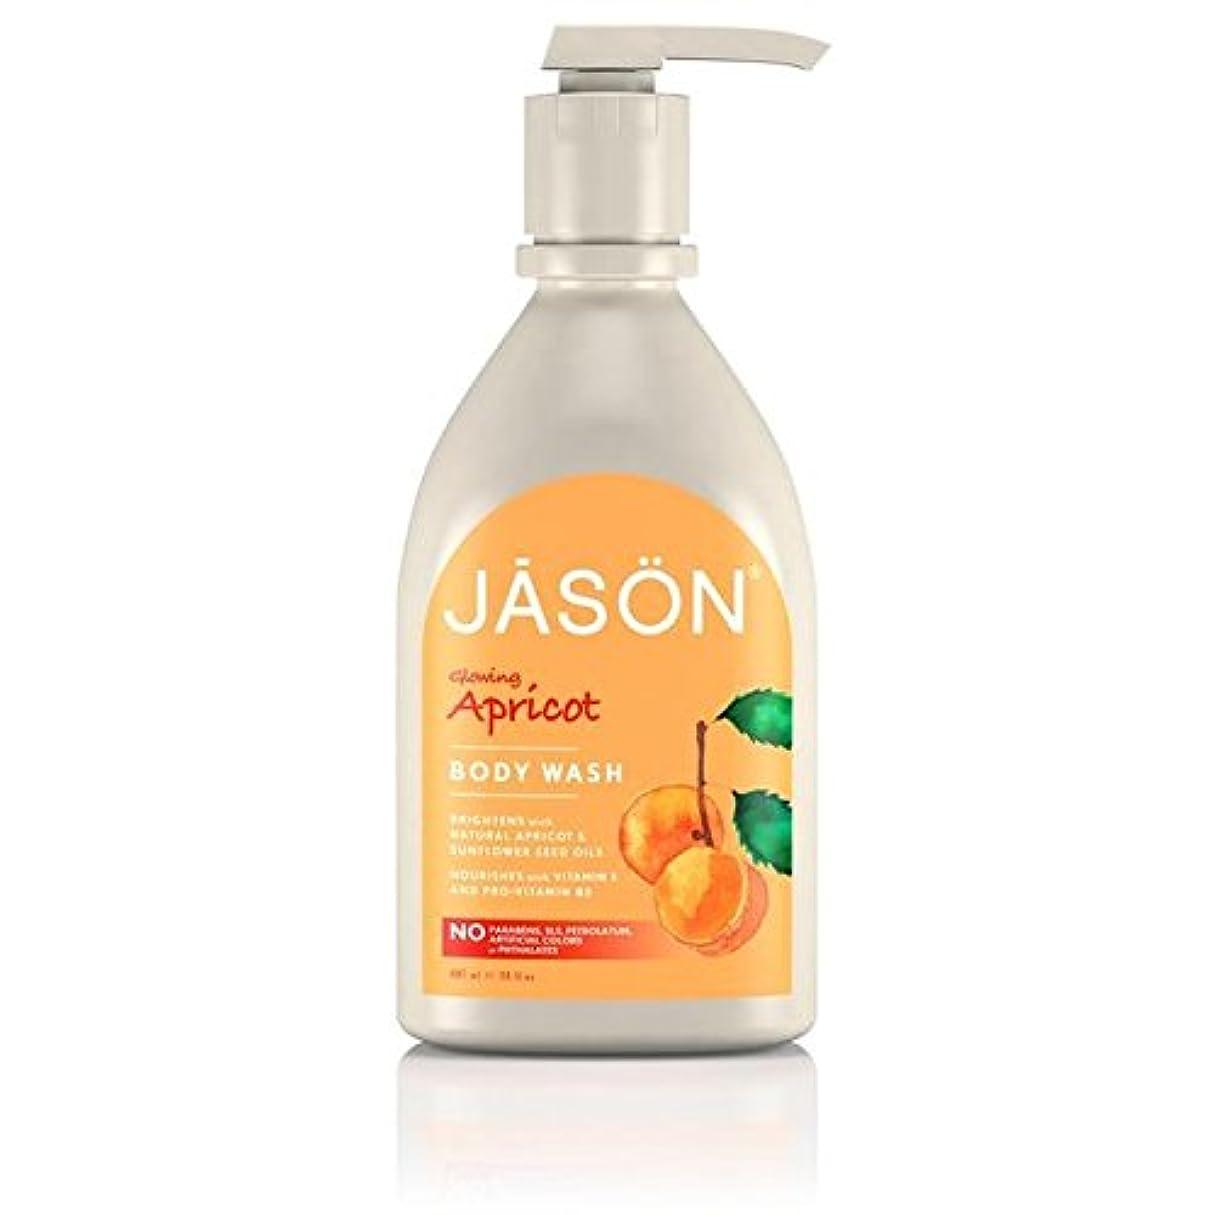 リークチャールズキージング苦しみJason Apricot Satin Body Wash Pump 900ml - ジェイソン?アプリコットサテンボディウォッシュポンプ900ミリリットル [並行輸入品]